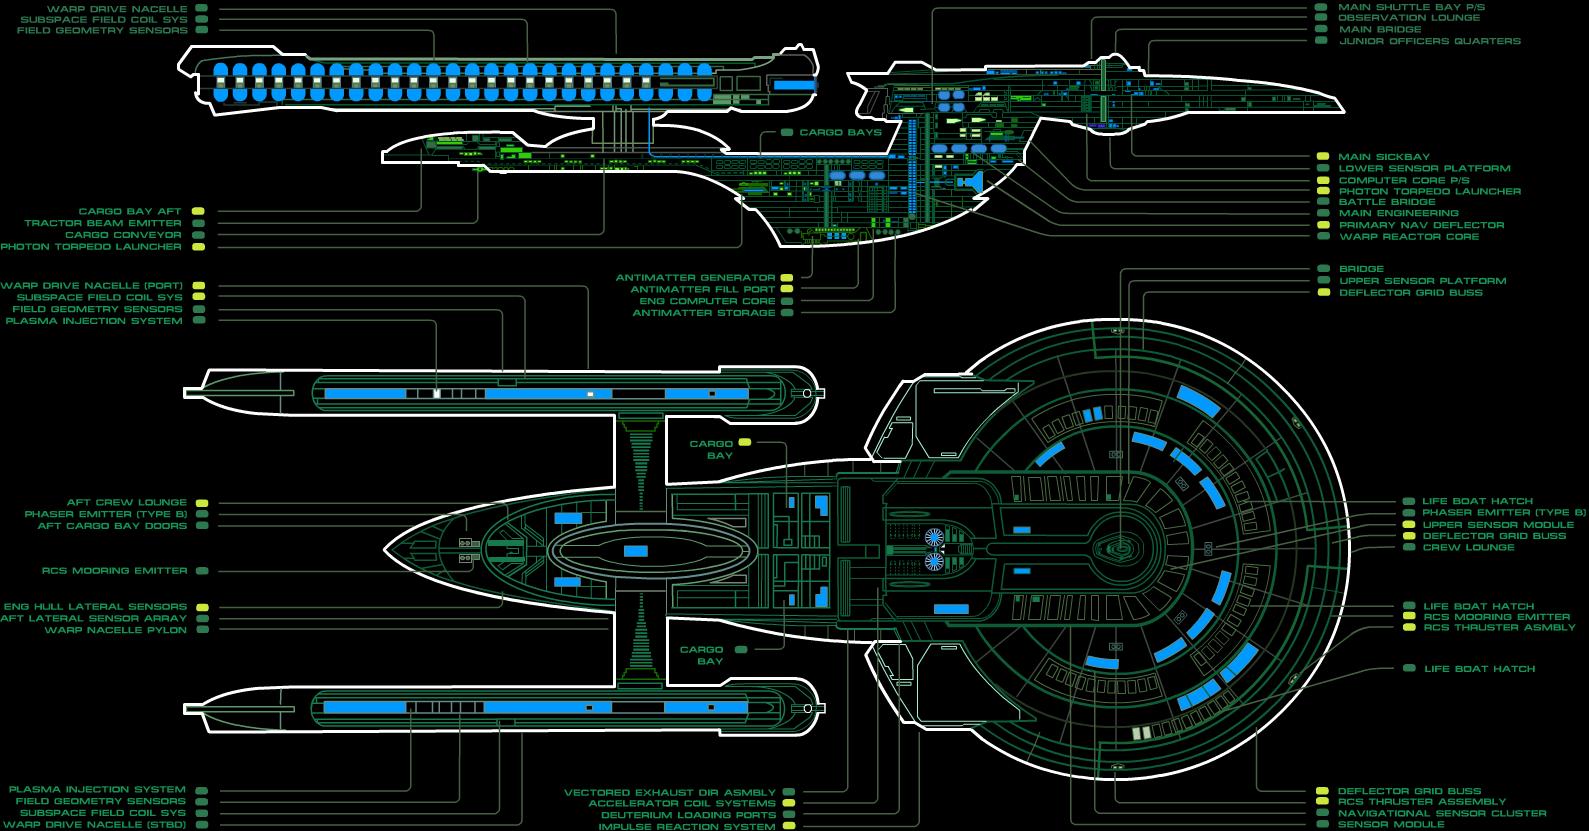 USS Enterprise NCC-1701-B MSD | Uss enterprise ncc 1701, Uss enterprise,  Enterprise ncc 1701